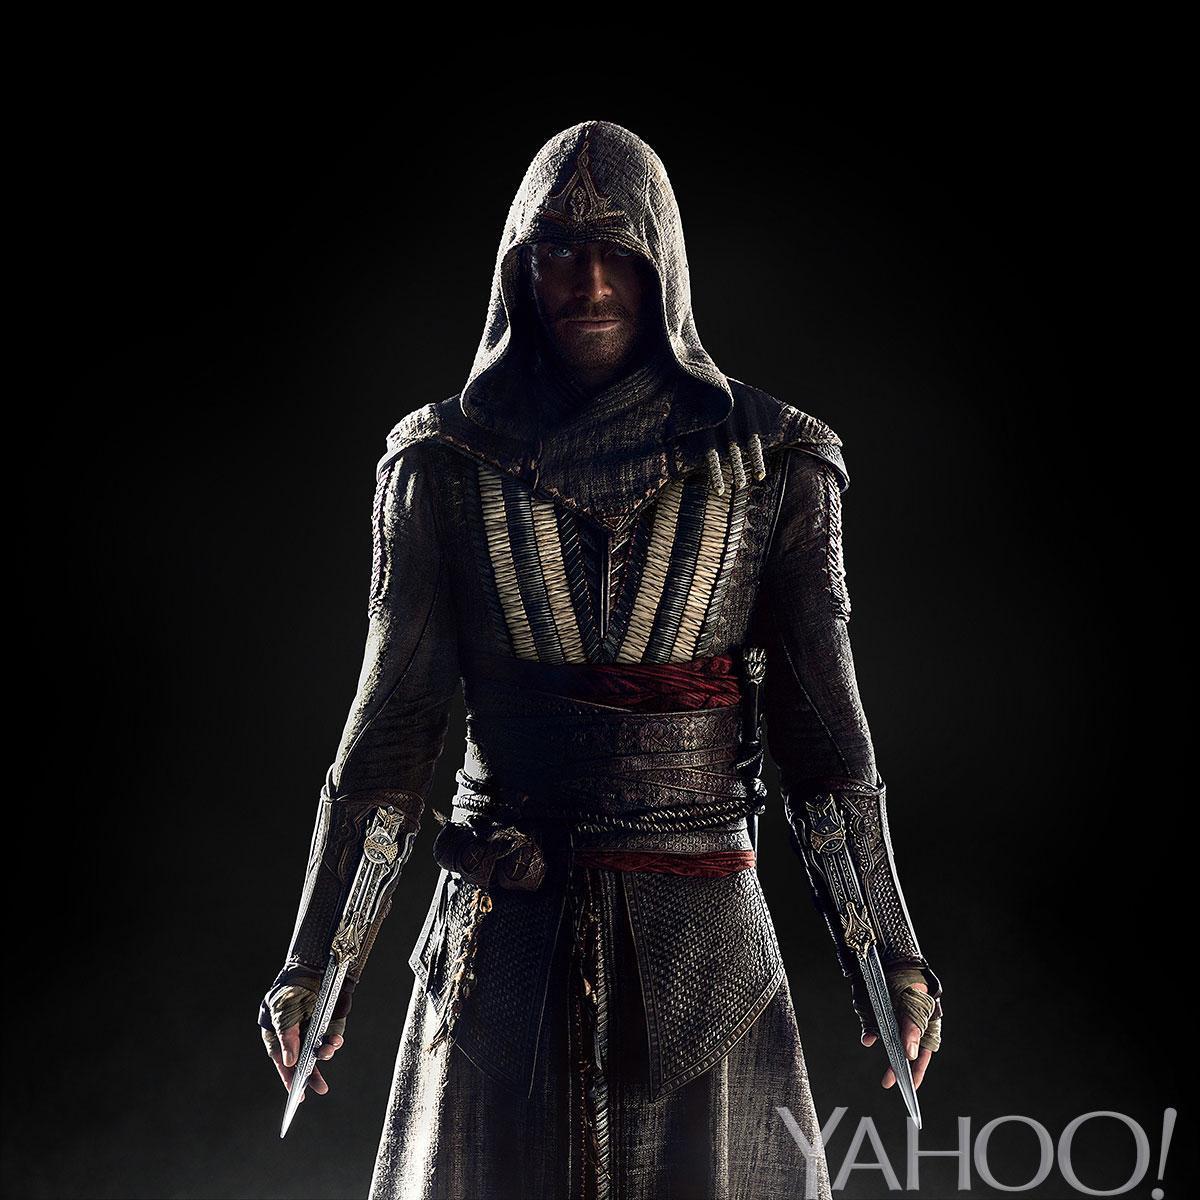 Primeira imagem de Michael Fassbender como protagonista do filme Assassin's Creed